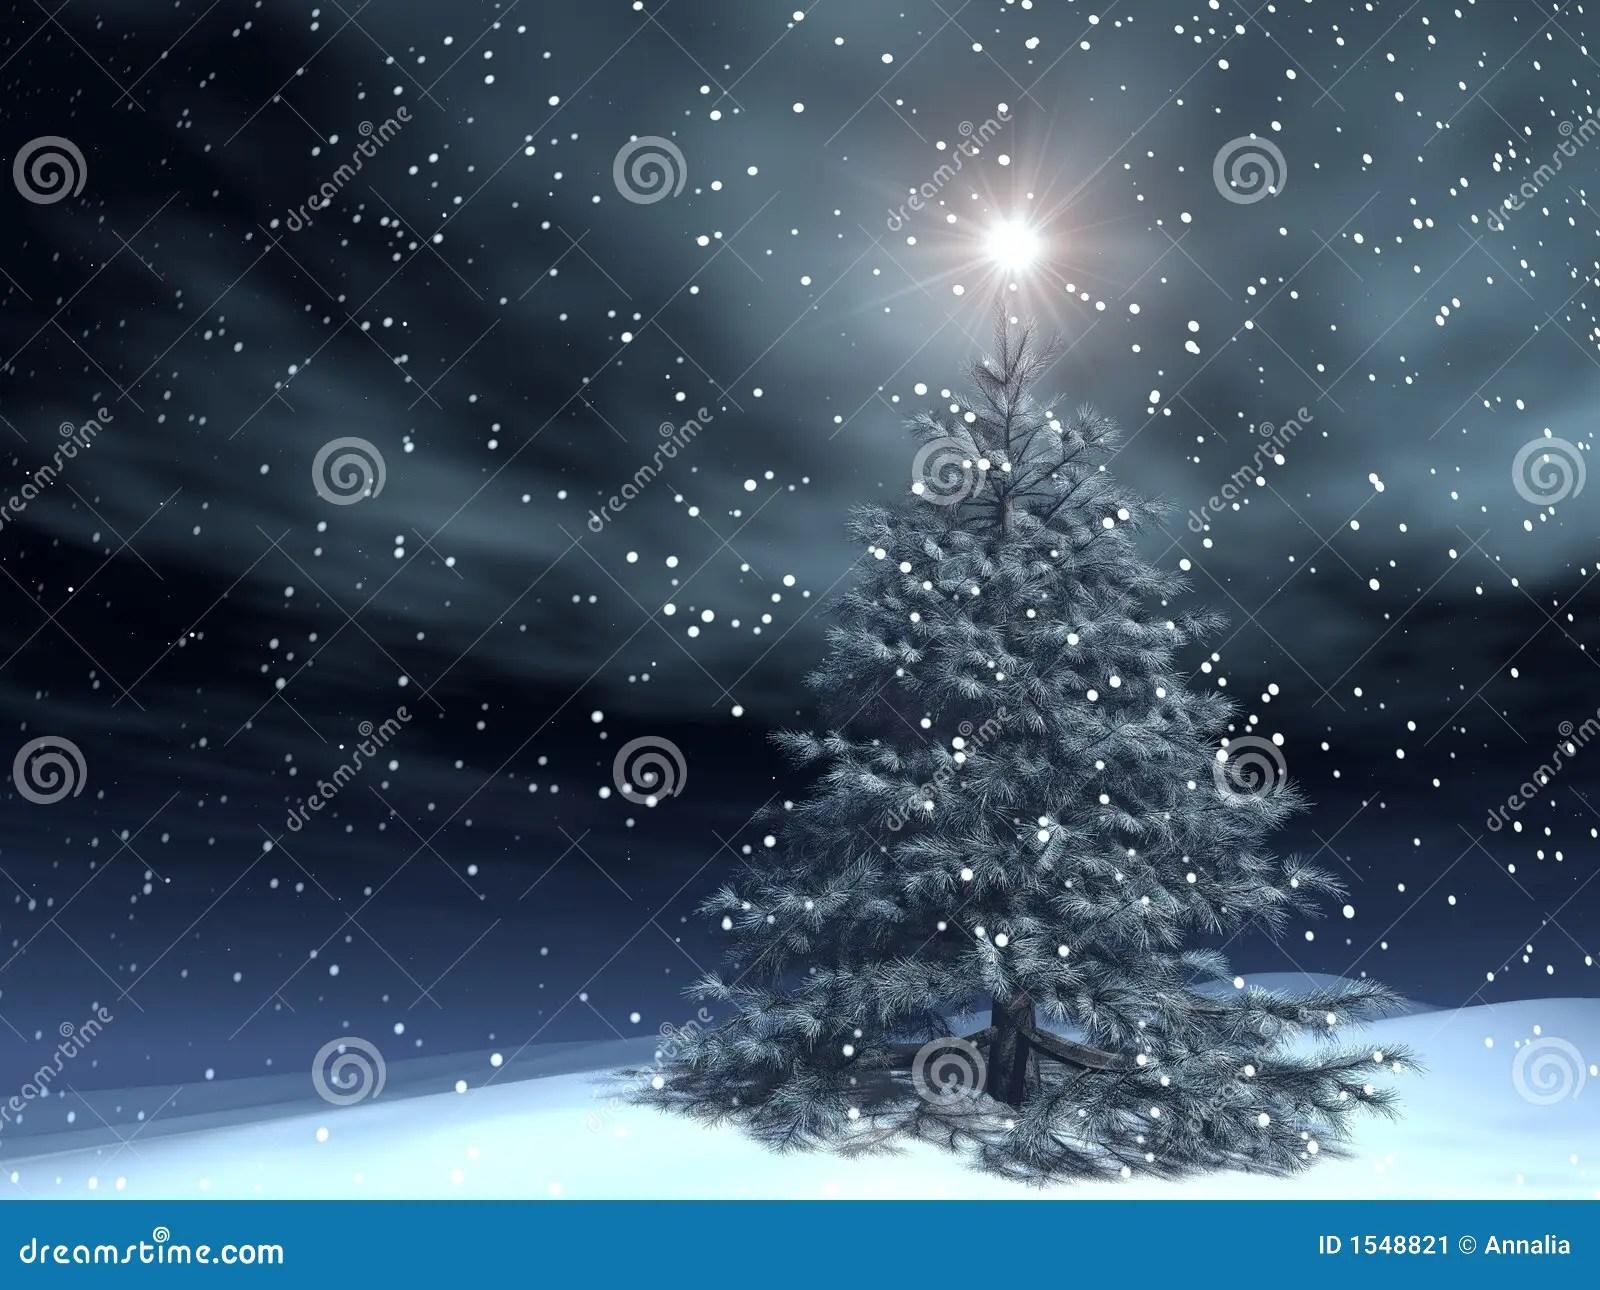 Magie Weihnachten Stock Abbildung Illustration Von Winter